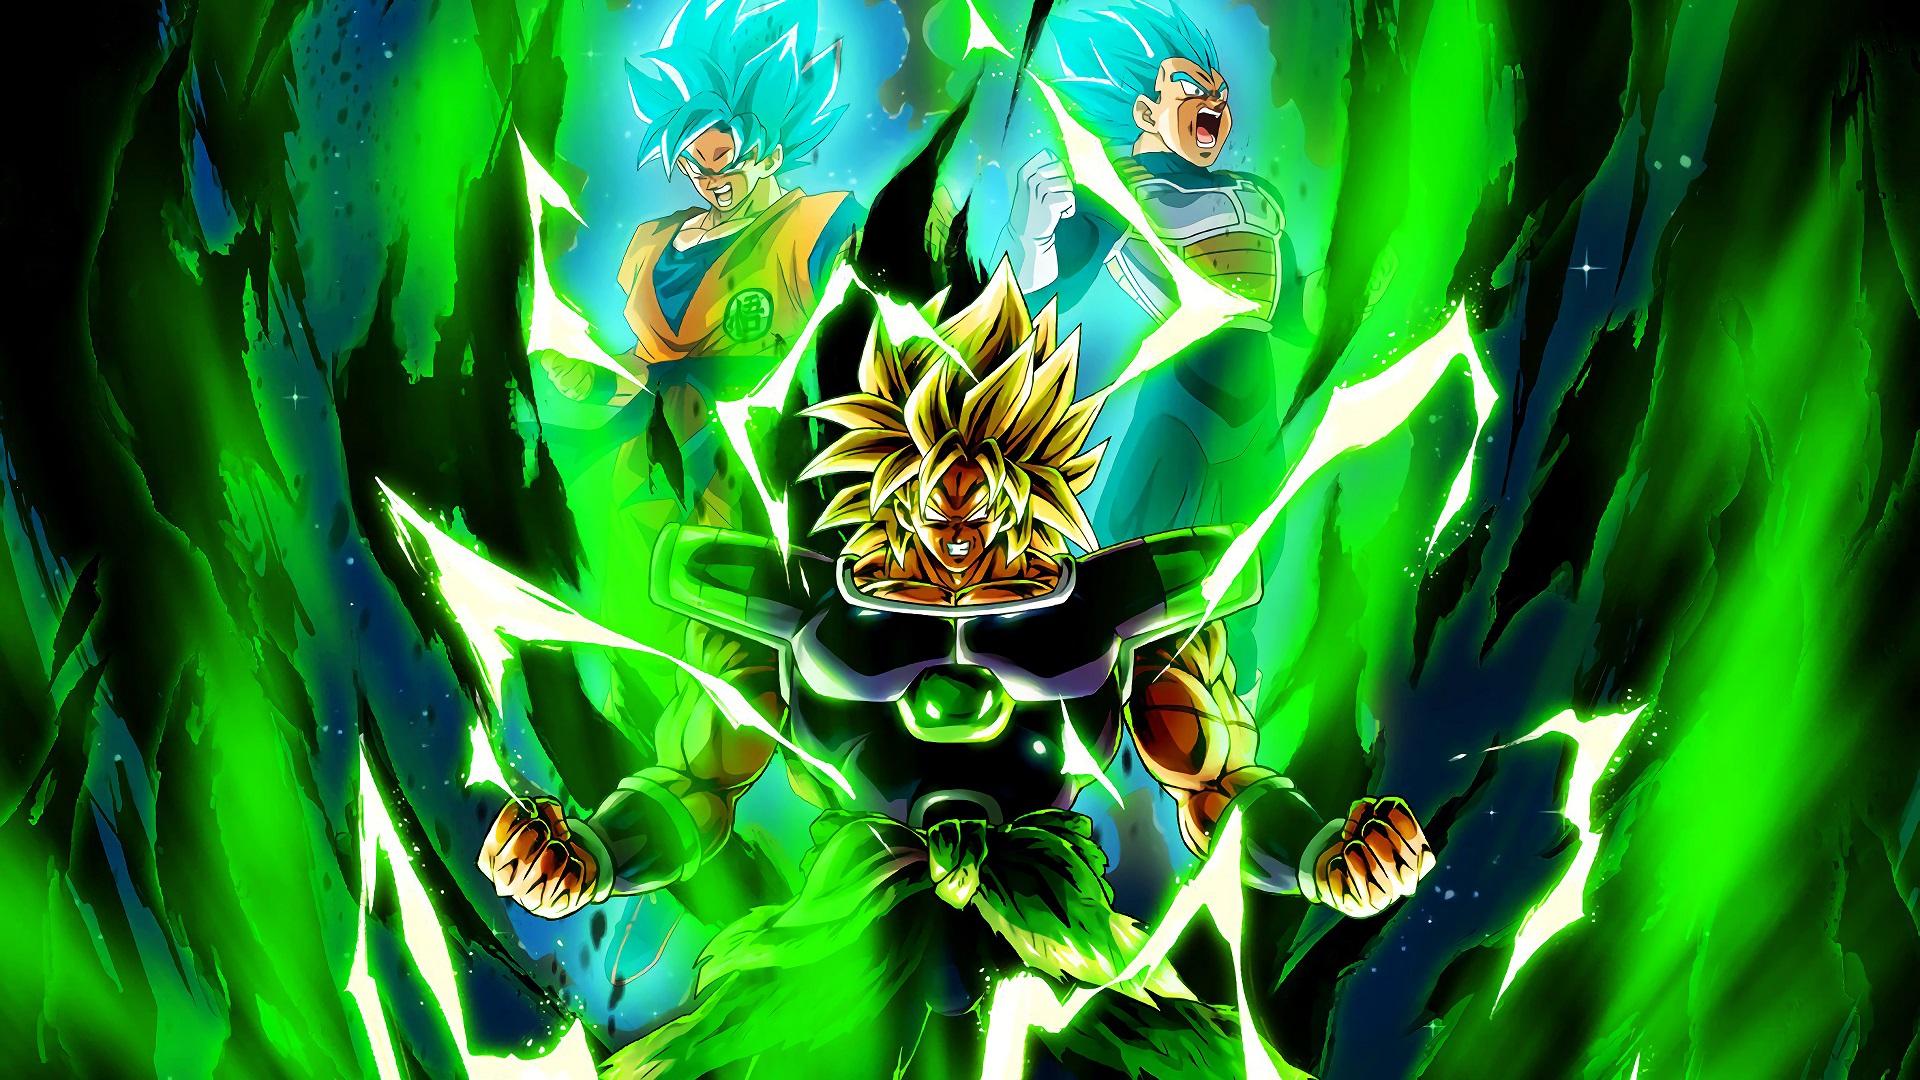 Son Goku De Dragon Ball Z Fondo De Pantalla Super Saiyan: Imágenes Y Fondos De Pantalla De Dragon Ball Super Broly